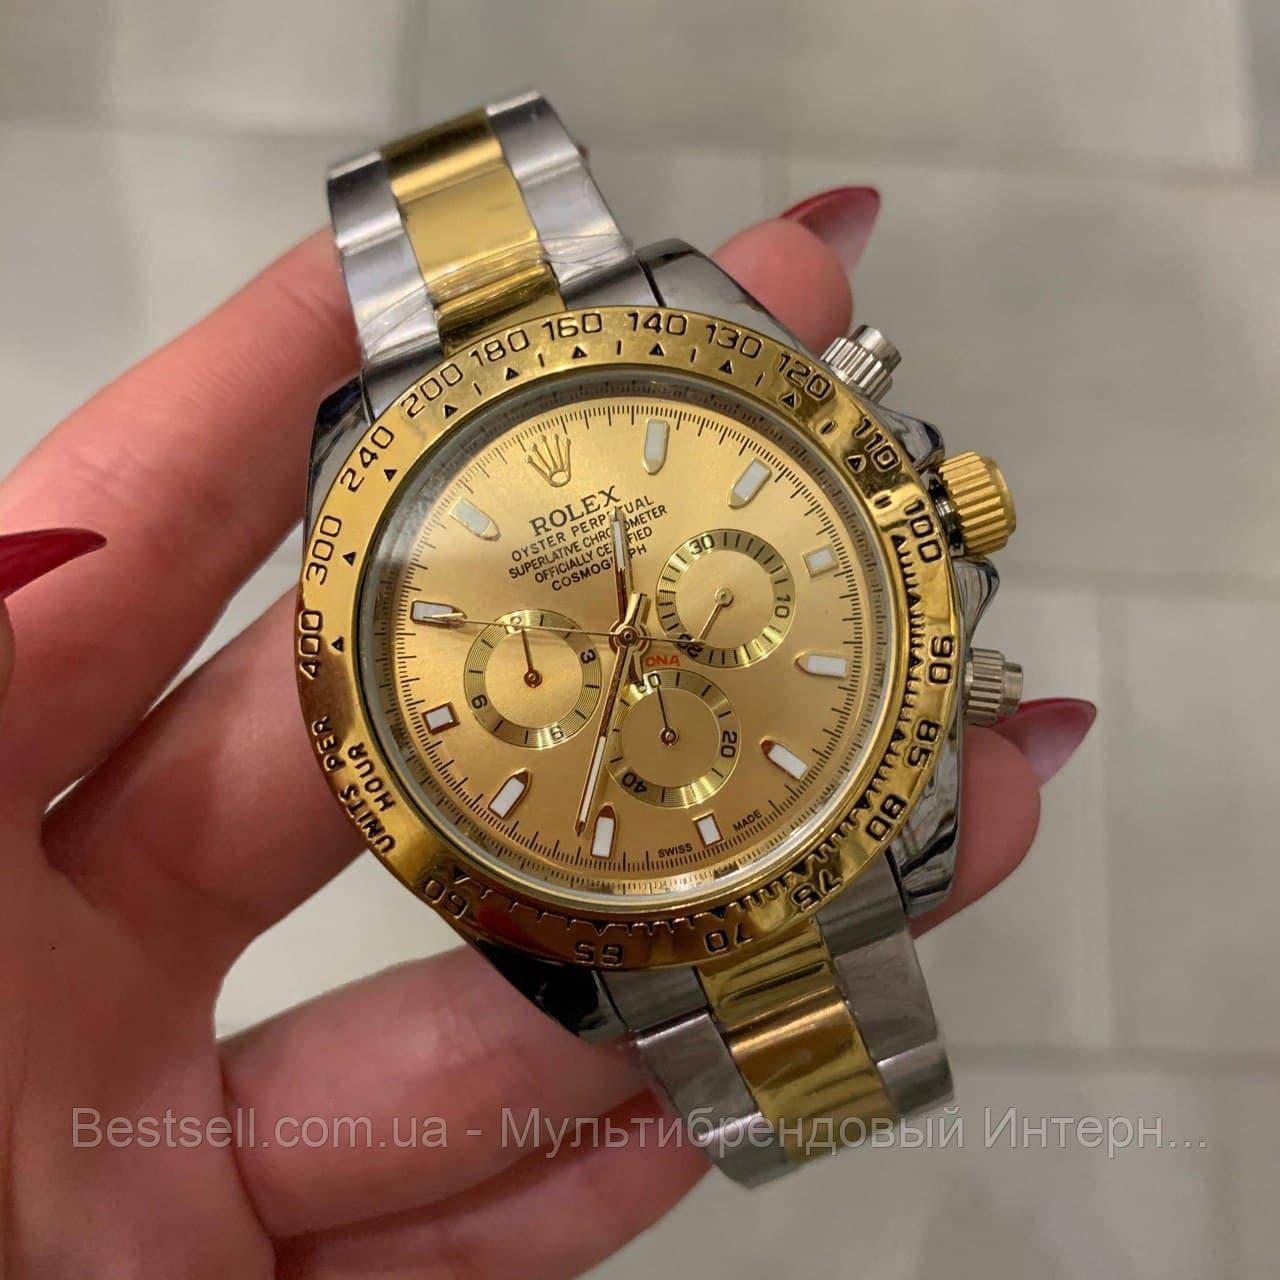 Часы мужские наручные механические с автоподзаводом Rolex Daytona Automatic Silver-Gold Реплика ААА Ролекс